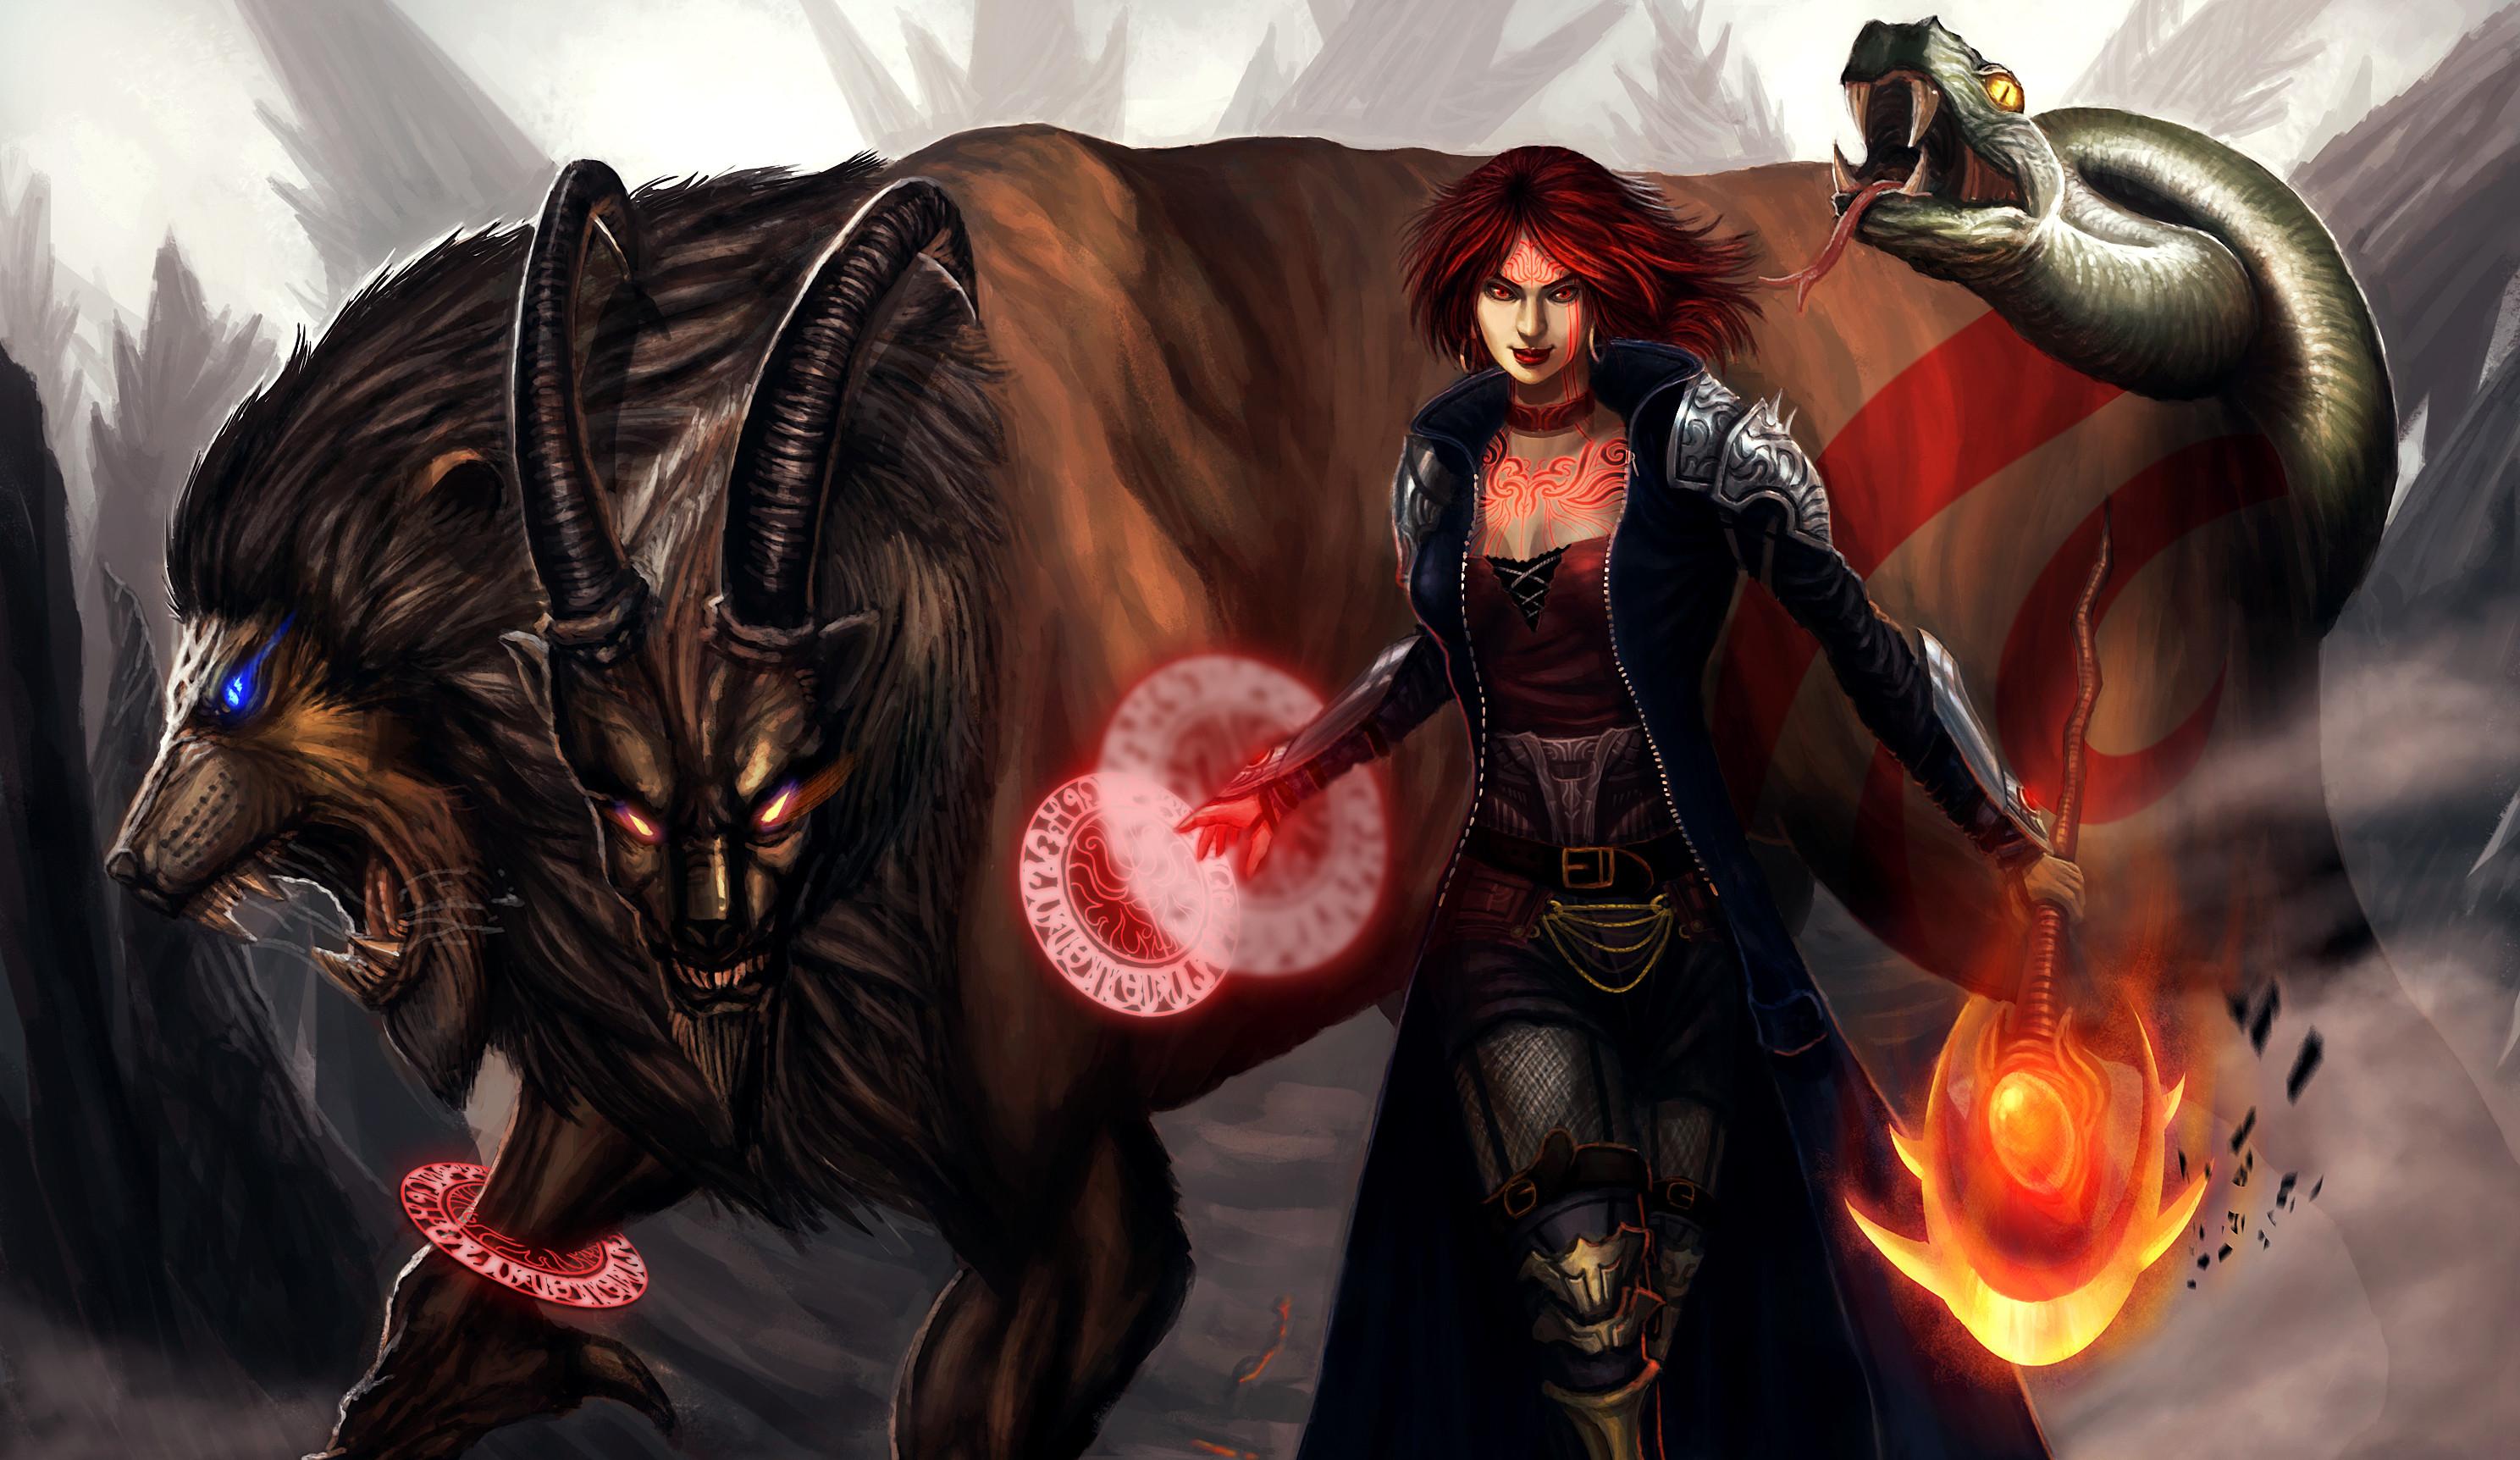 Res: 2976x1724, Magical animals Warriors Horns Torch magic demon creature monster girl  wallpaper |  | 133485 | WallpaperUP